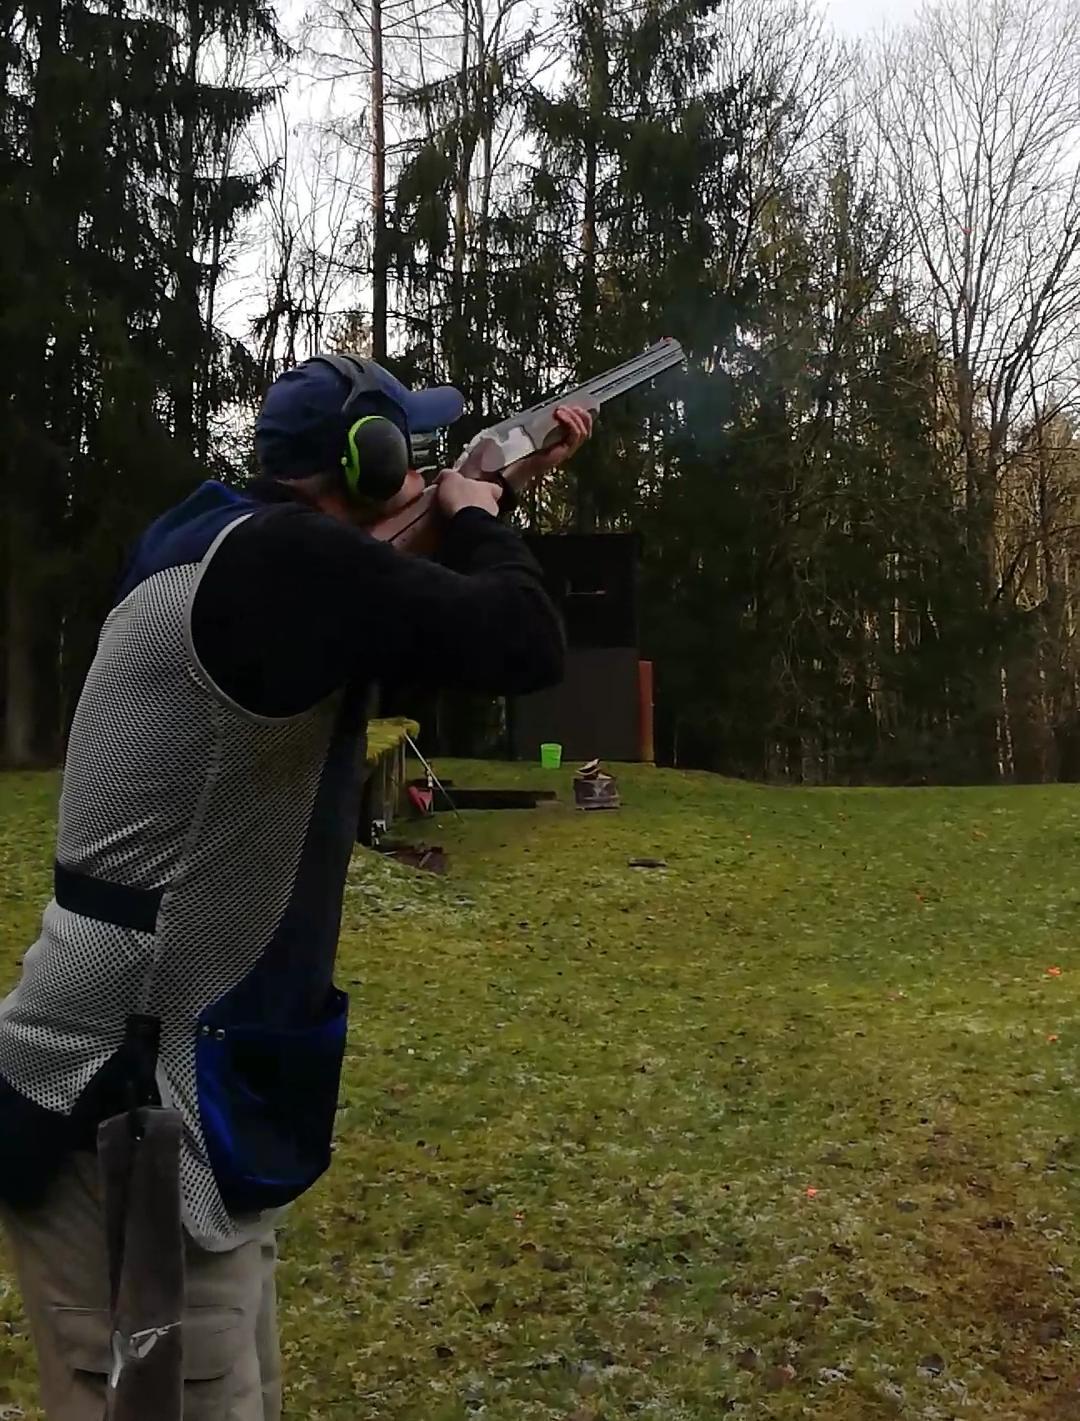 Christian Seif verteidigt Bezirksmeistertitel im Skeet, Hassia Fürth holt Mannschaftssieg